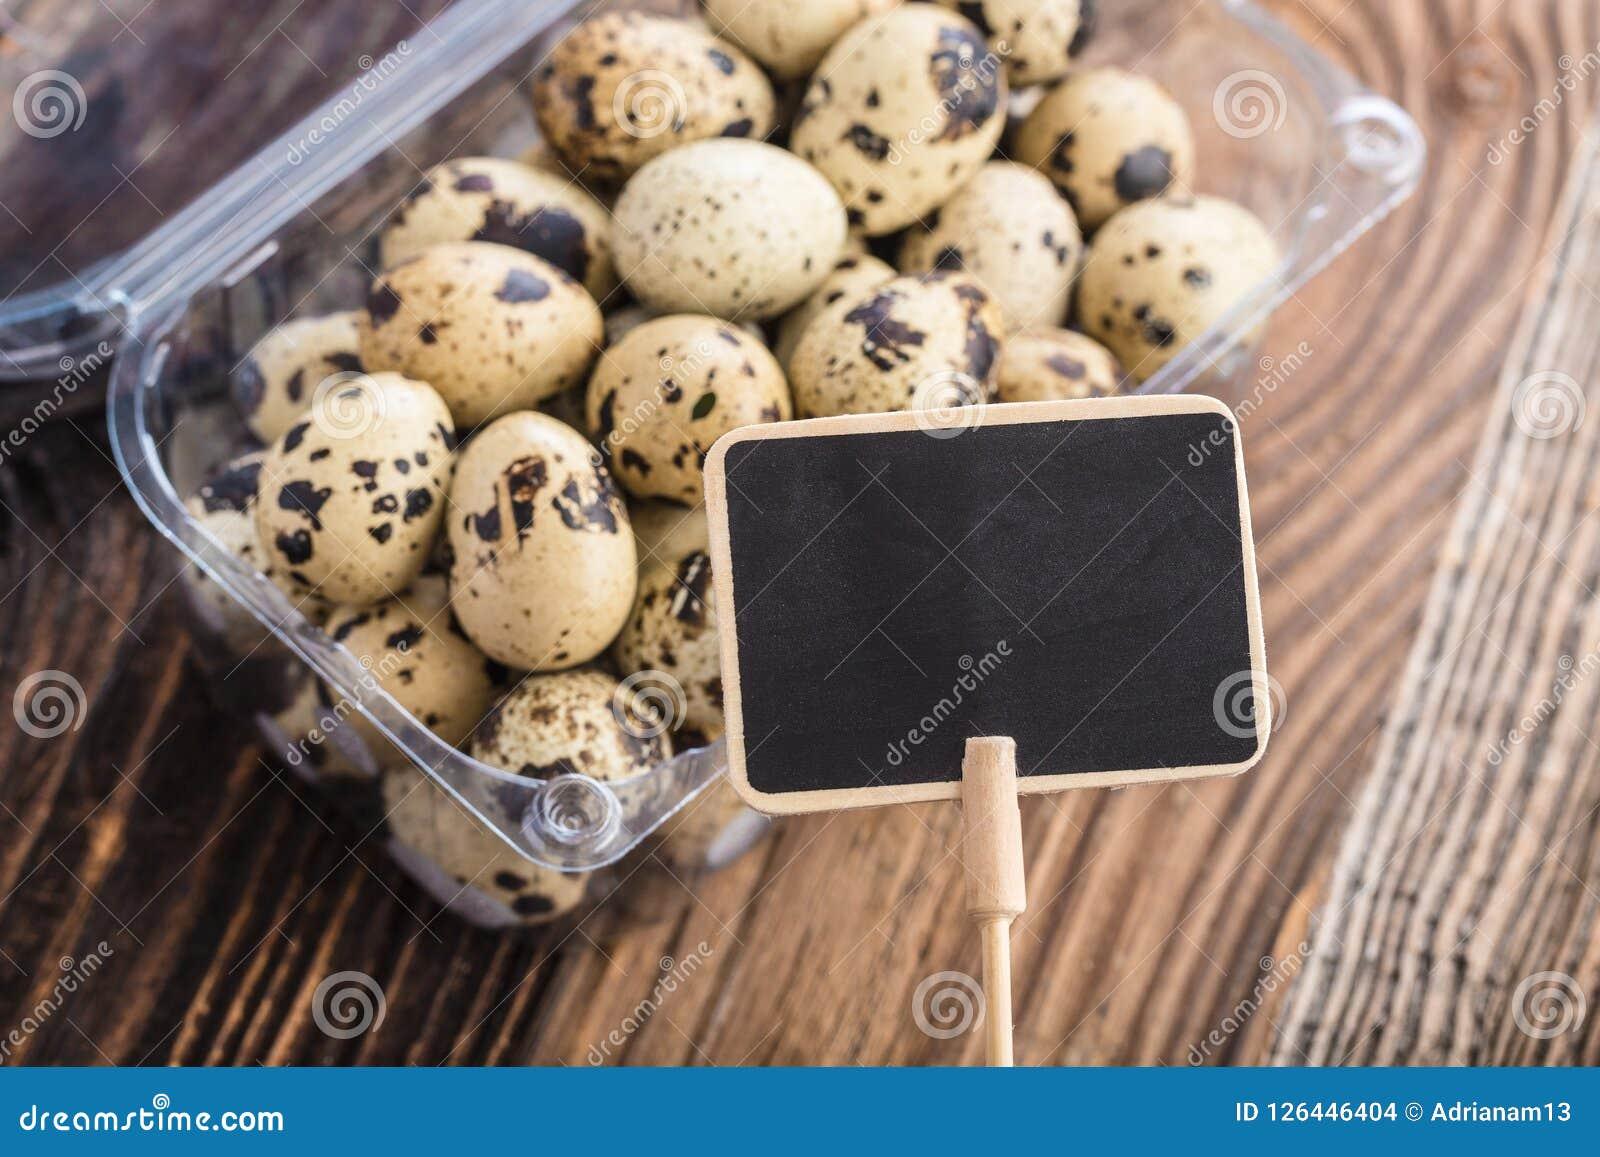 Etiqueta premiada com ovos de codorniz